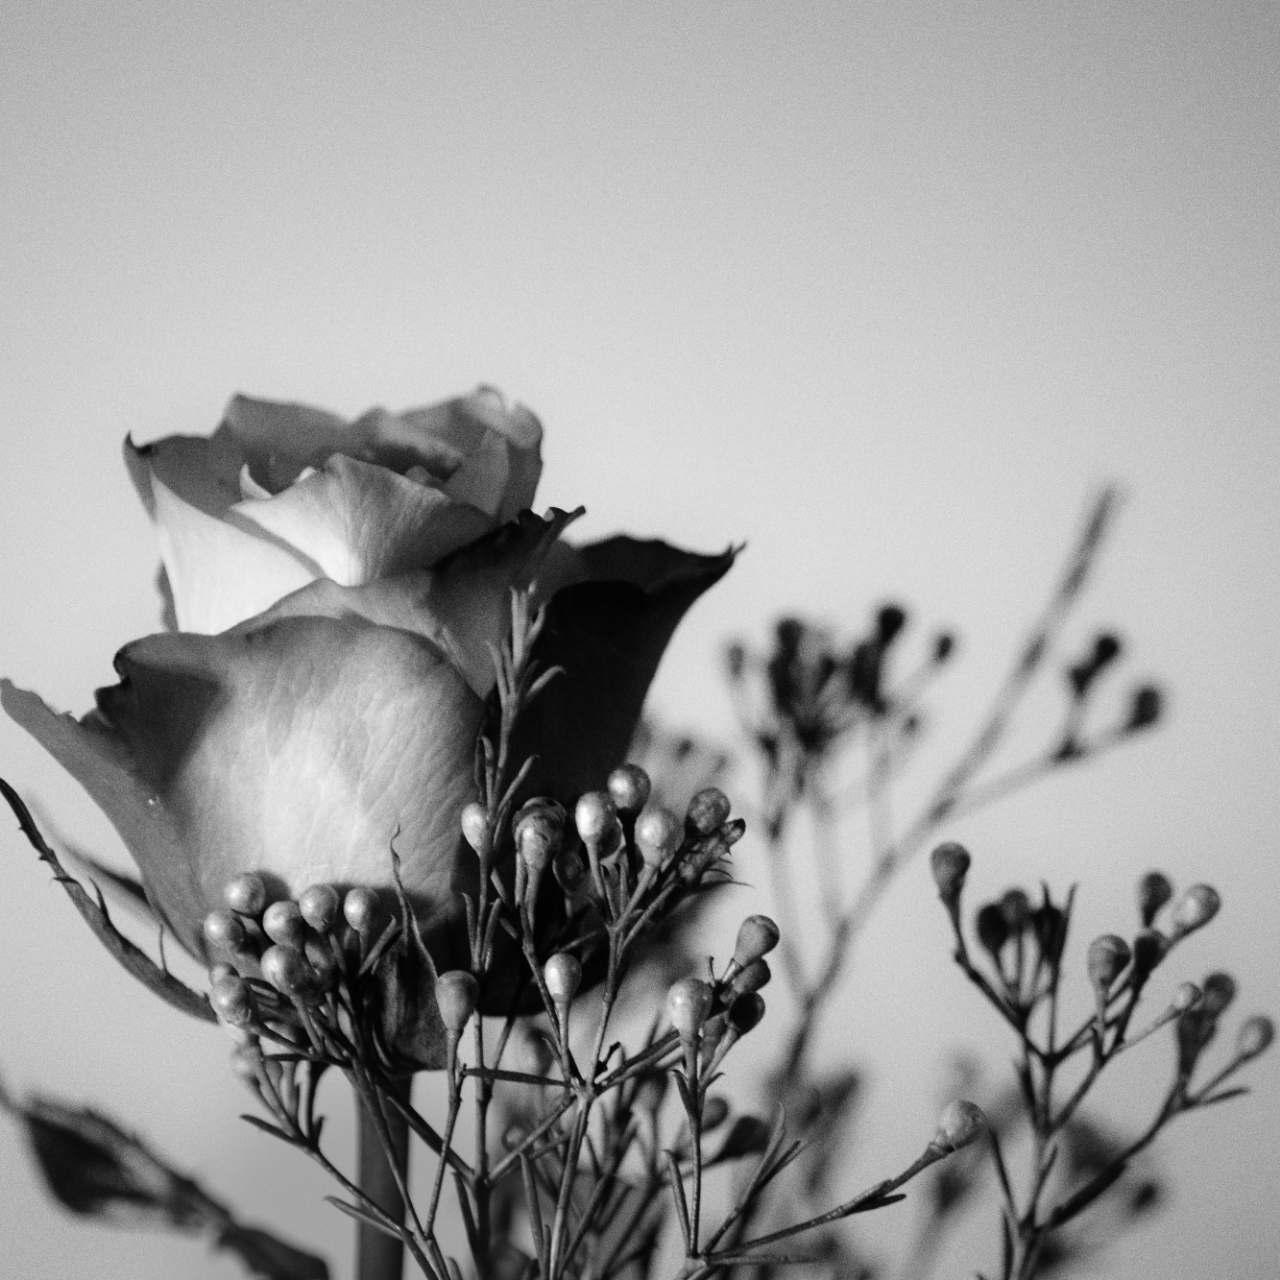 इश्क़ और गुलाब का Connection हैं ऐसा  दवा और दारु